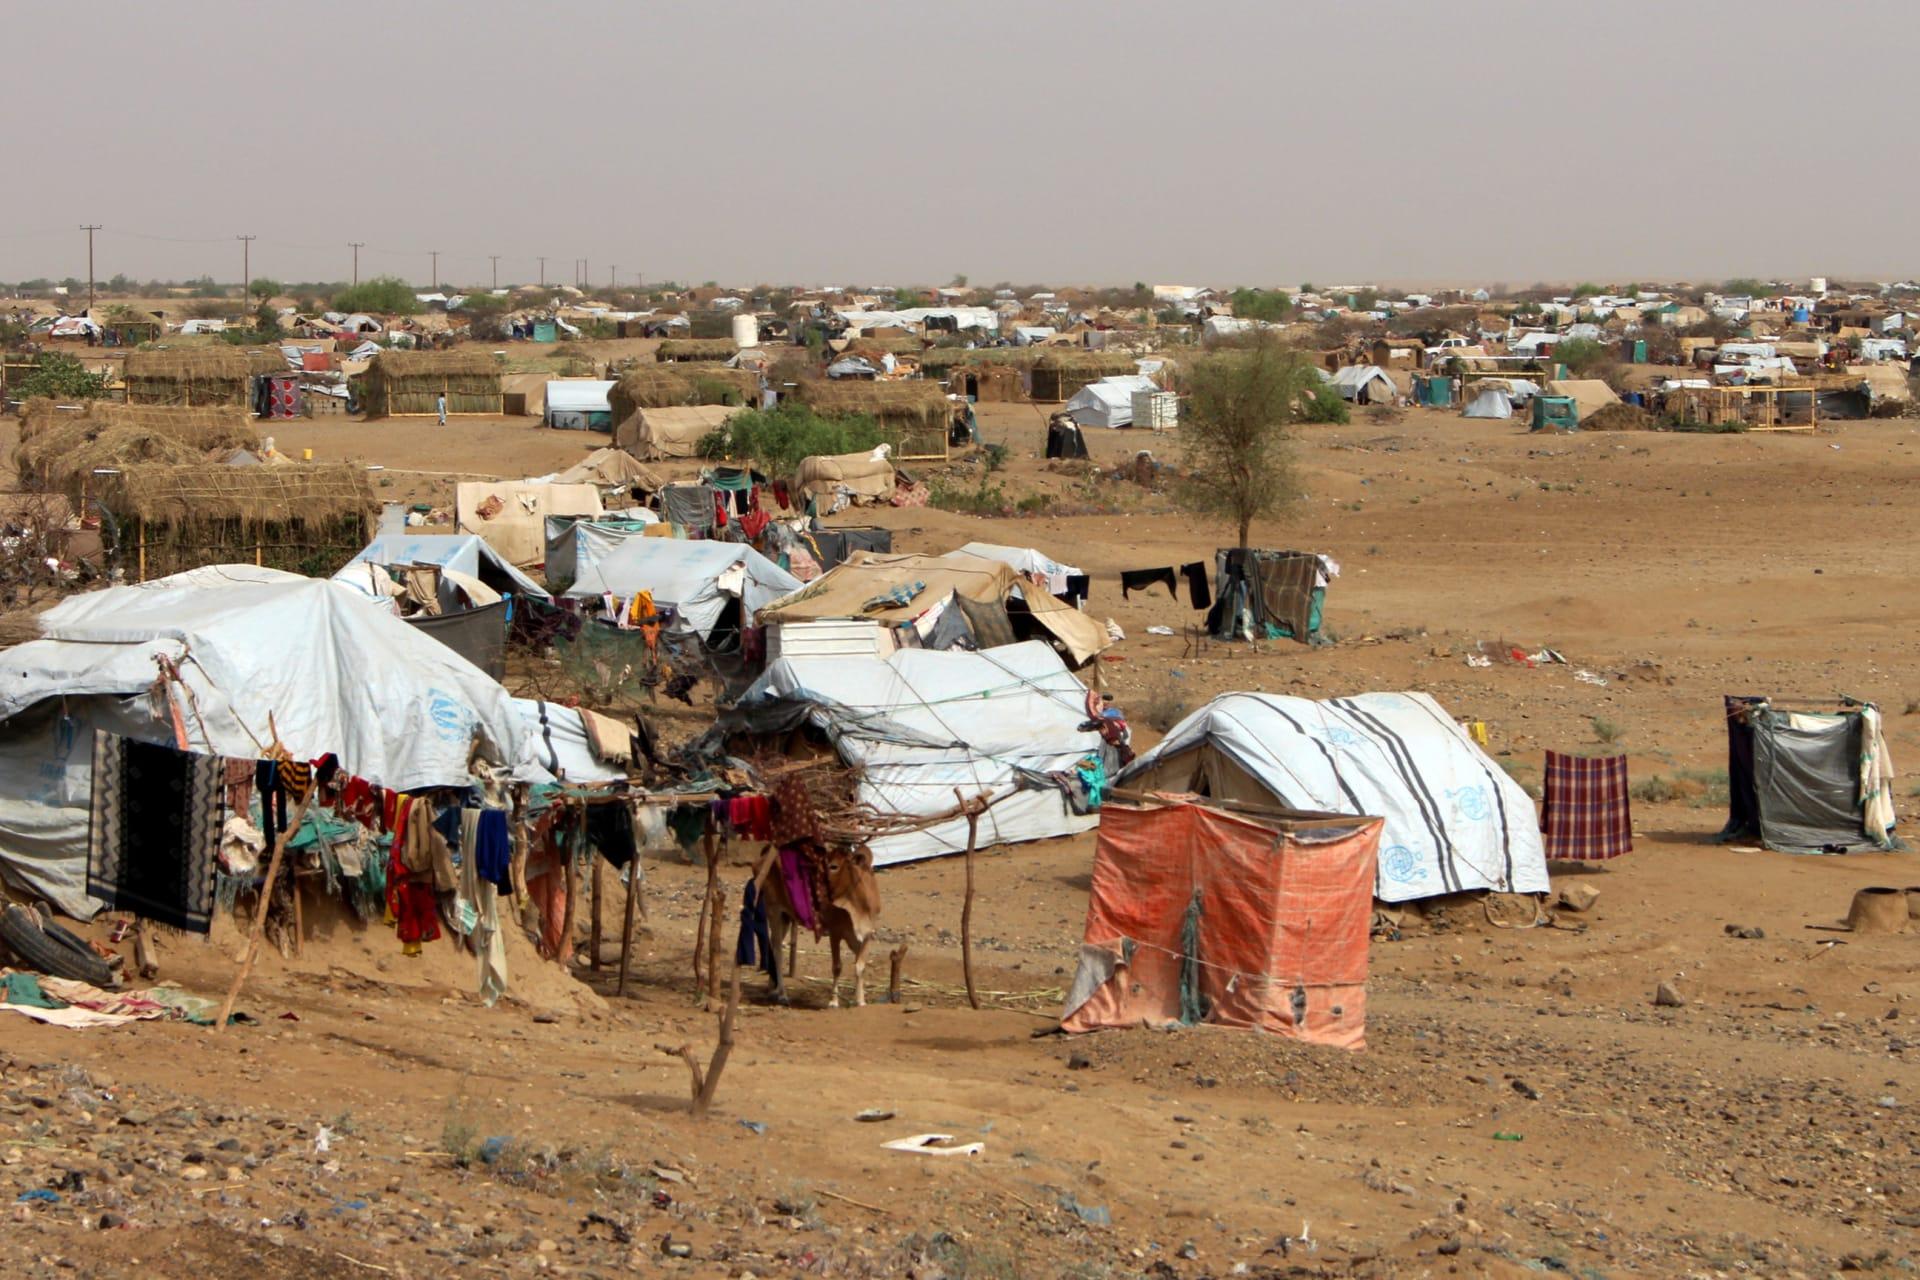 مركز الملك سلمان للإغاثة يدين استهداف الحوثيين مخيما للنزوح الداخلي في اليمن